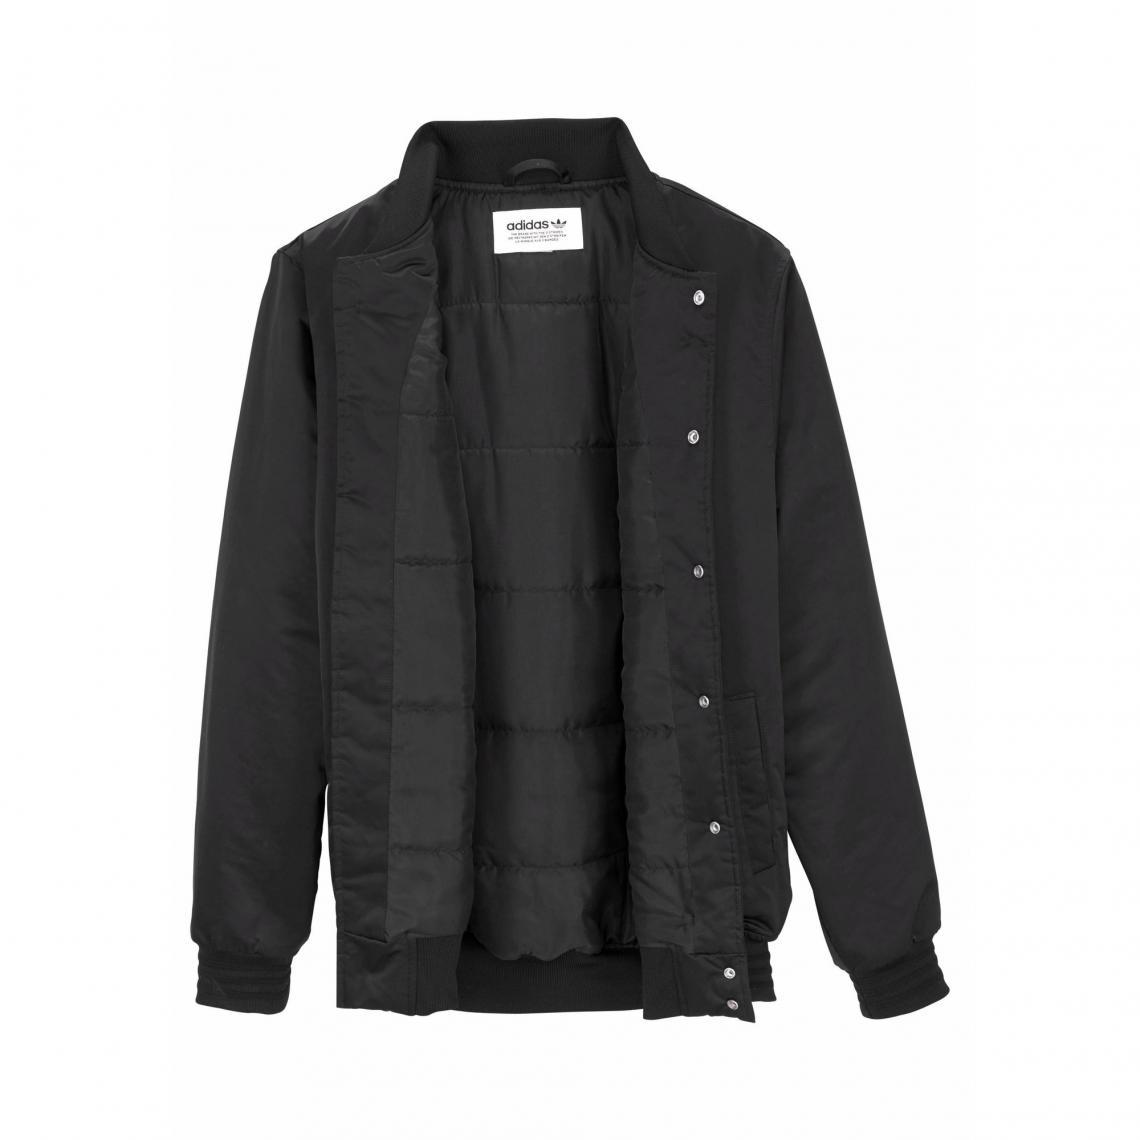 ba38319dcbe Blouson rembourré Stlying Compliments Jacket SST femme adidas Originals -  Noir Adidas Originals